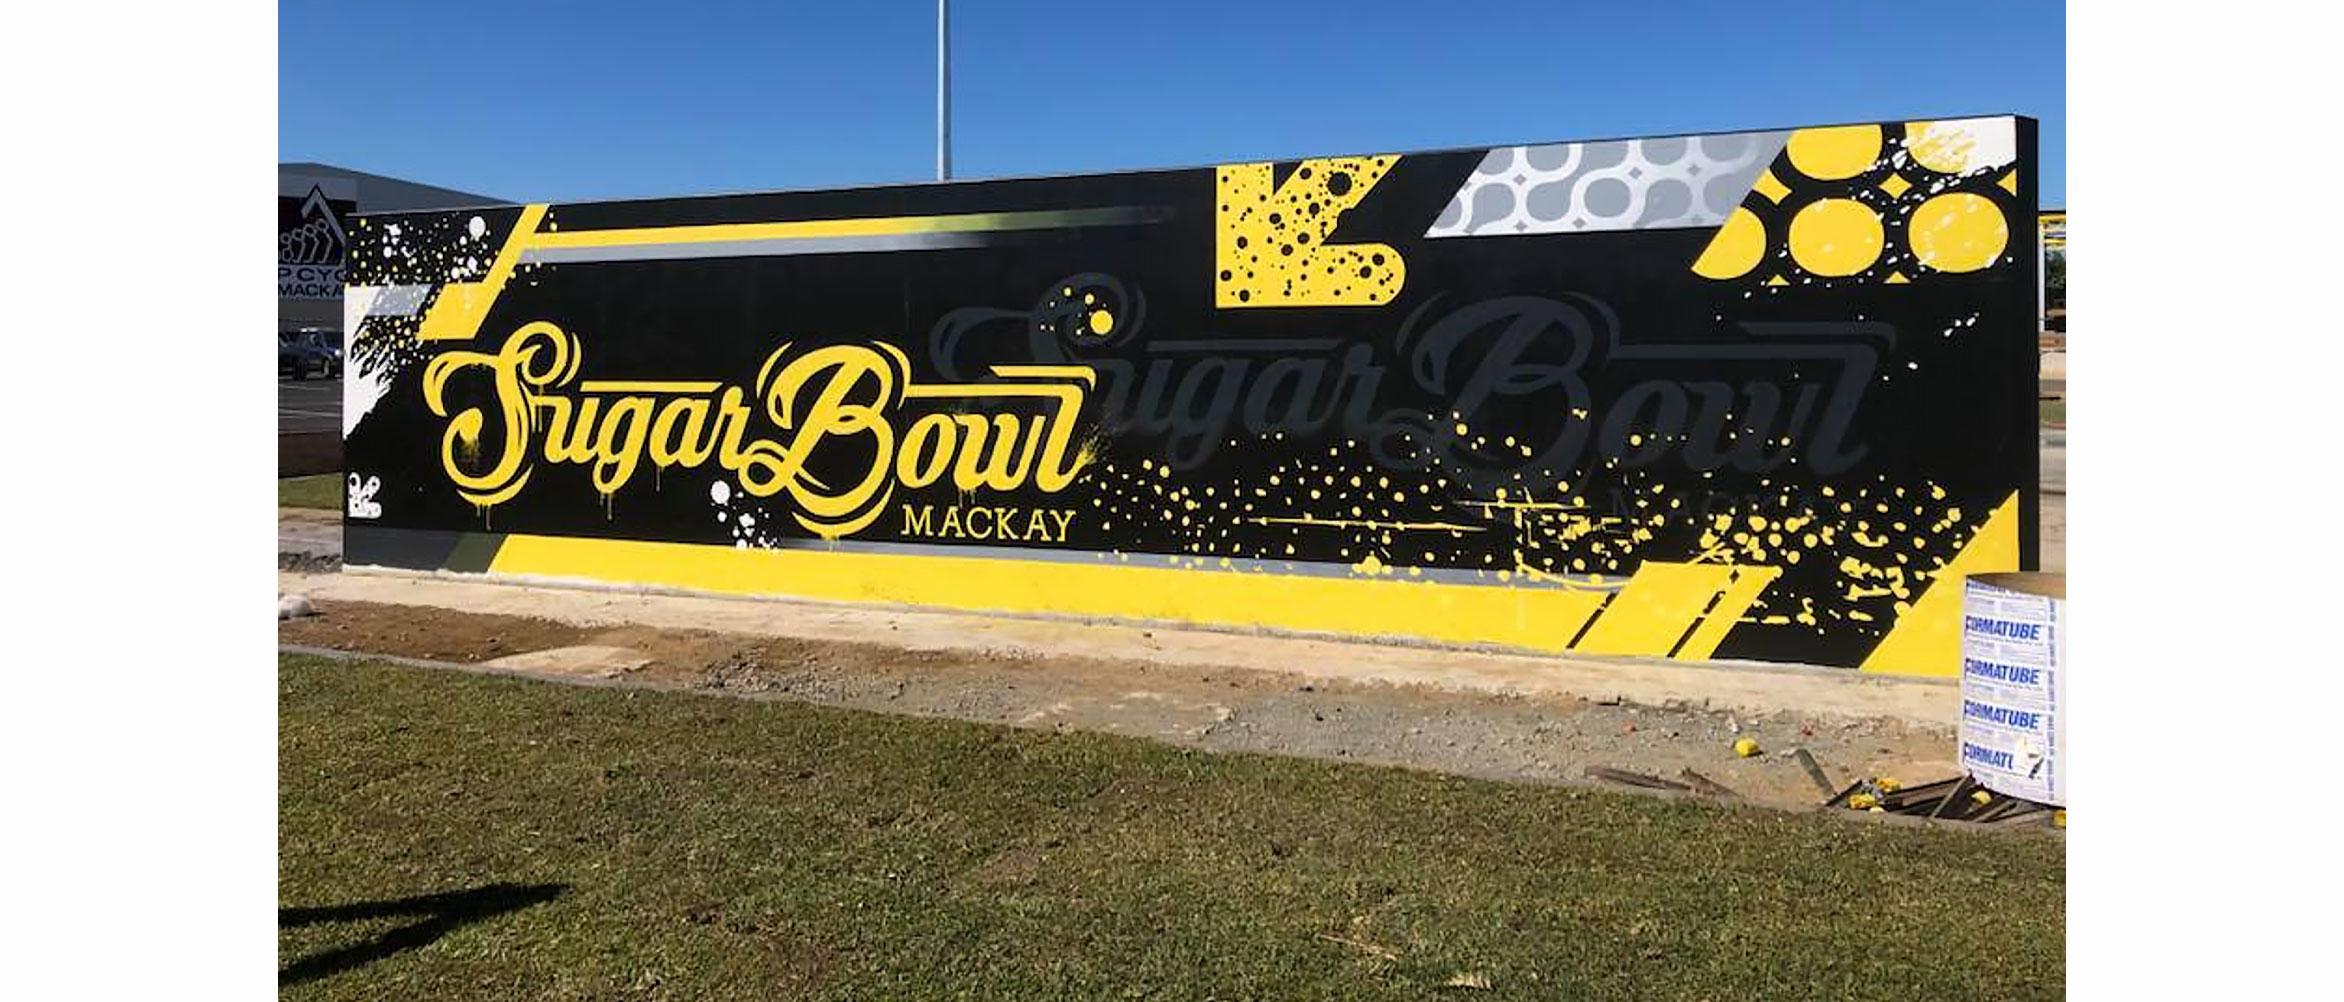 Signage Sugar Bowl skate park Mackay